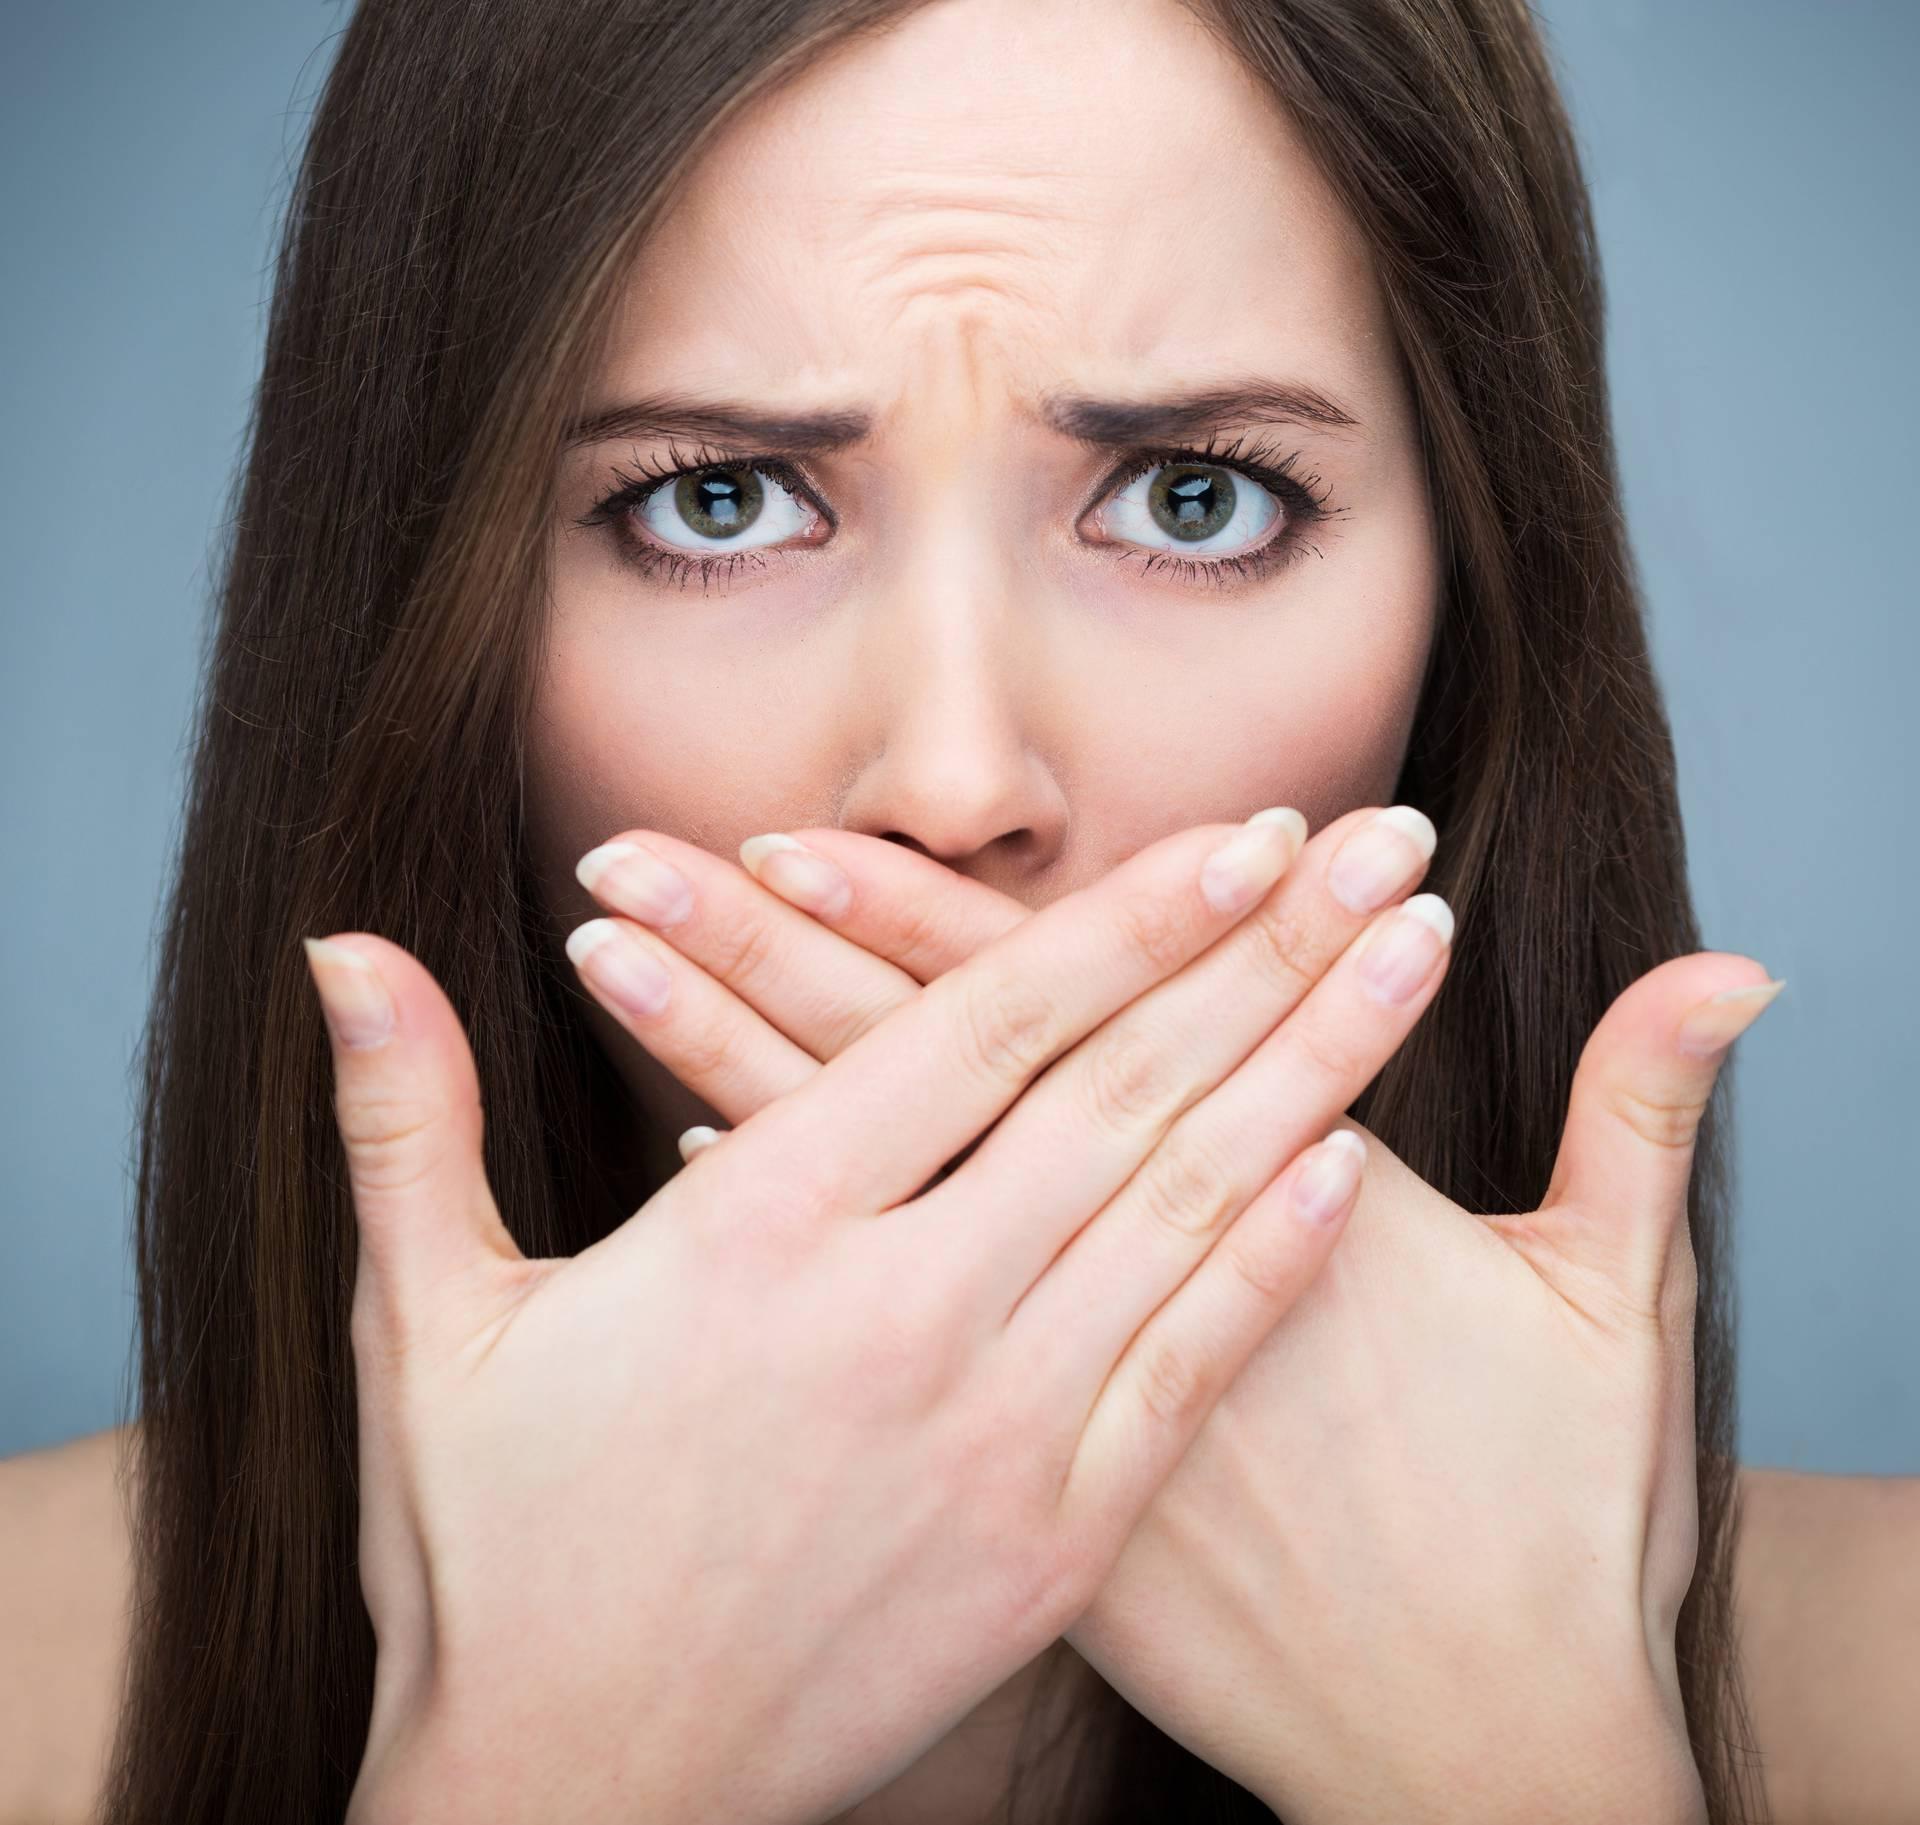 Stomatolozi savjetuju kako se lako riješiti neugodnog zadaha